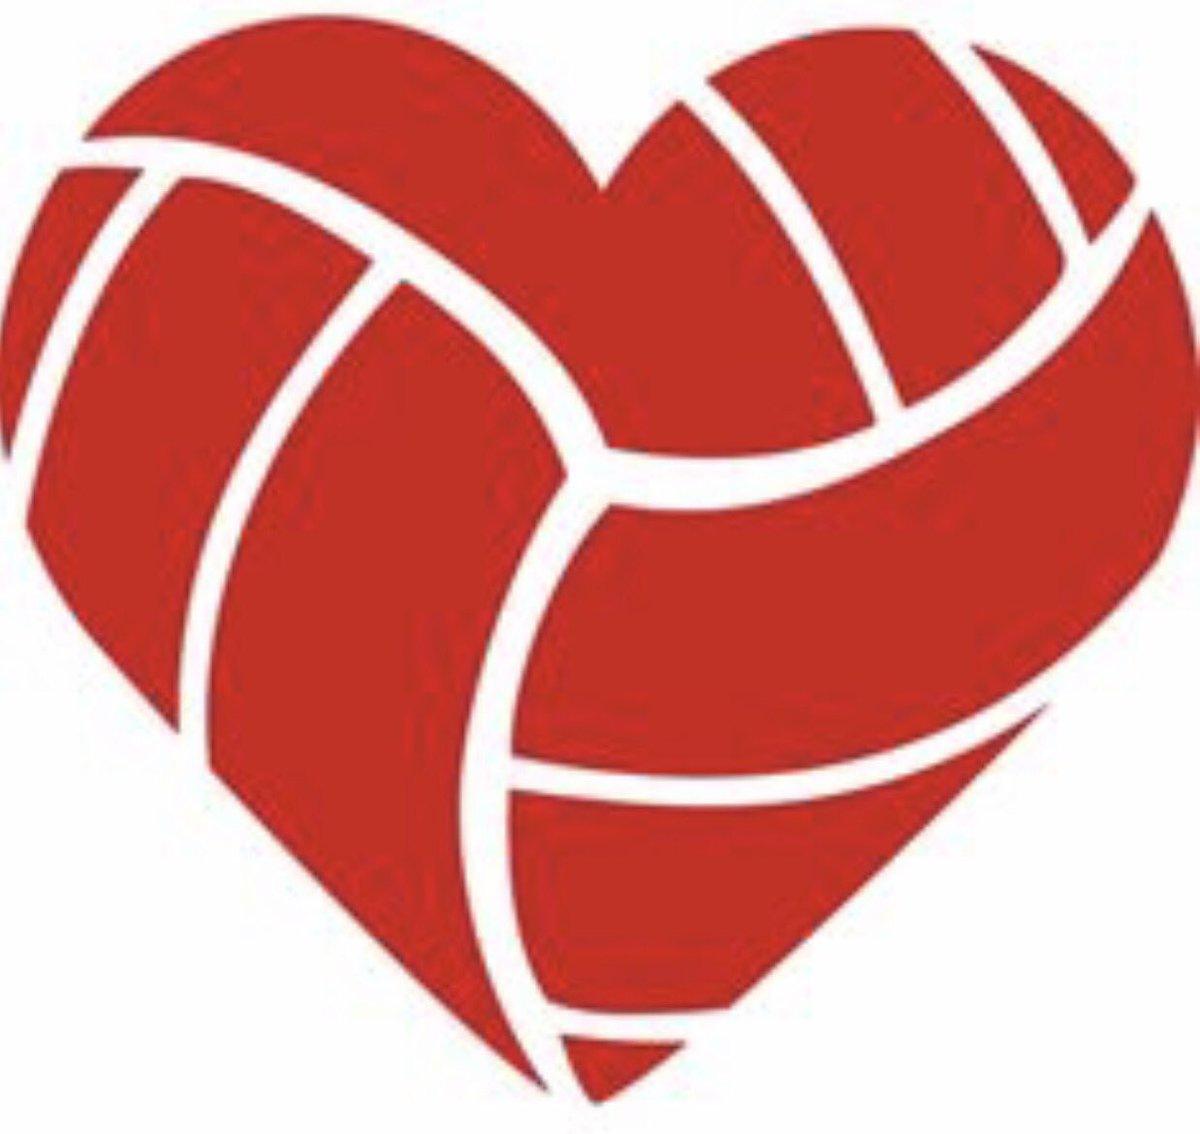 Heart clipart volleyball Twitter 0 replies 5 NC